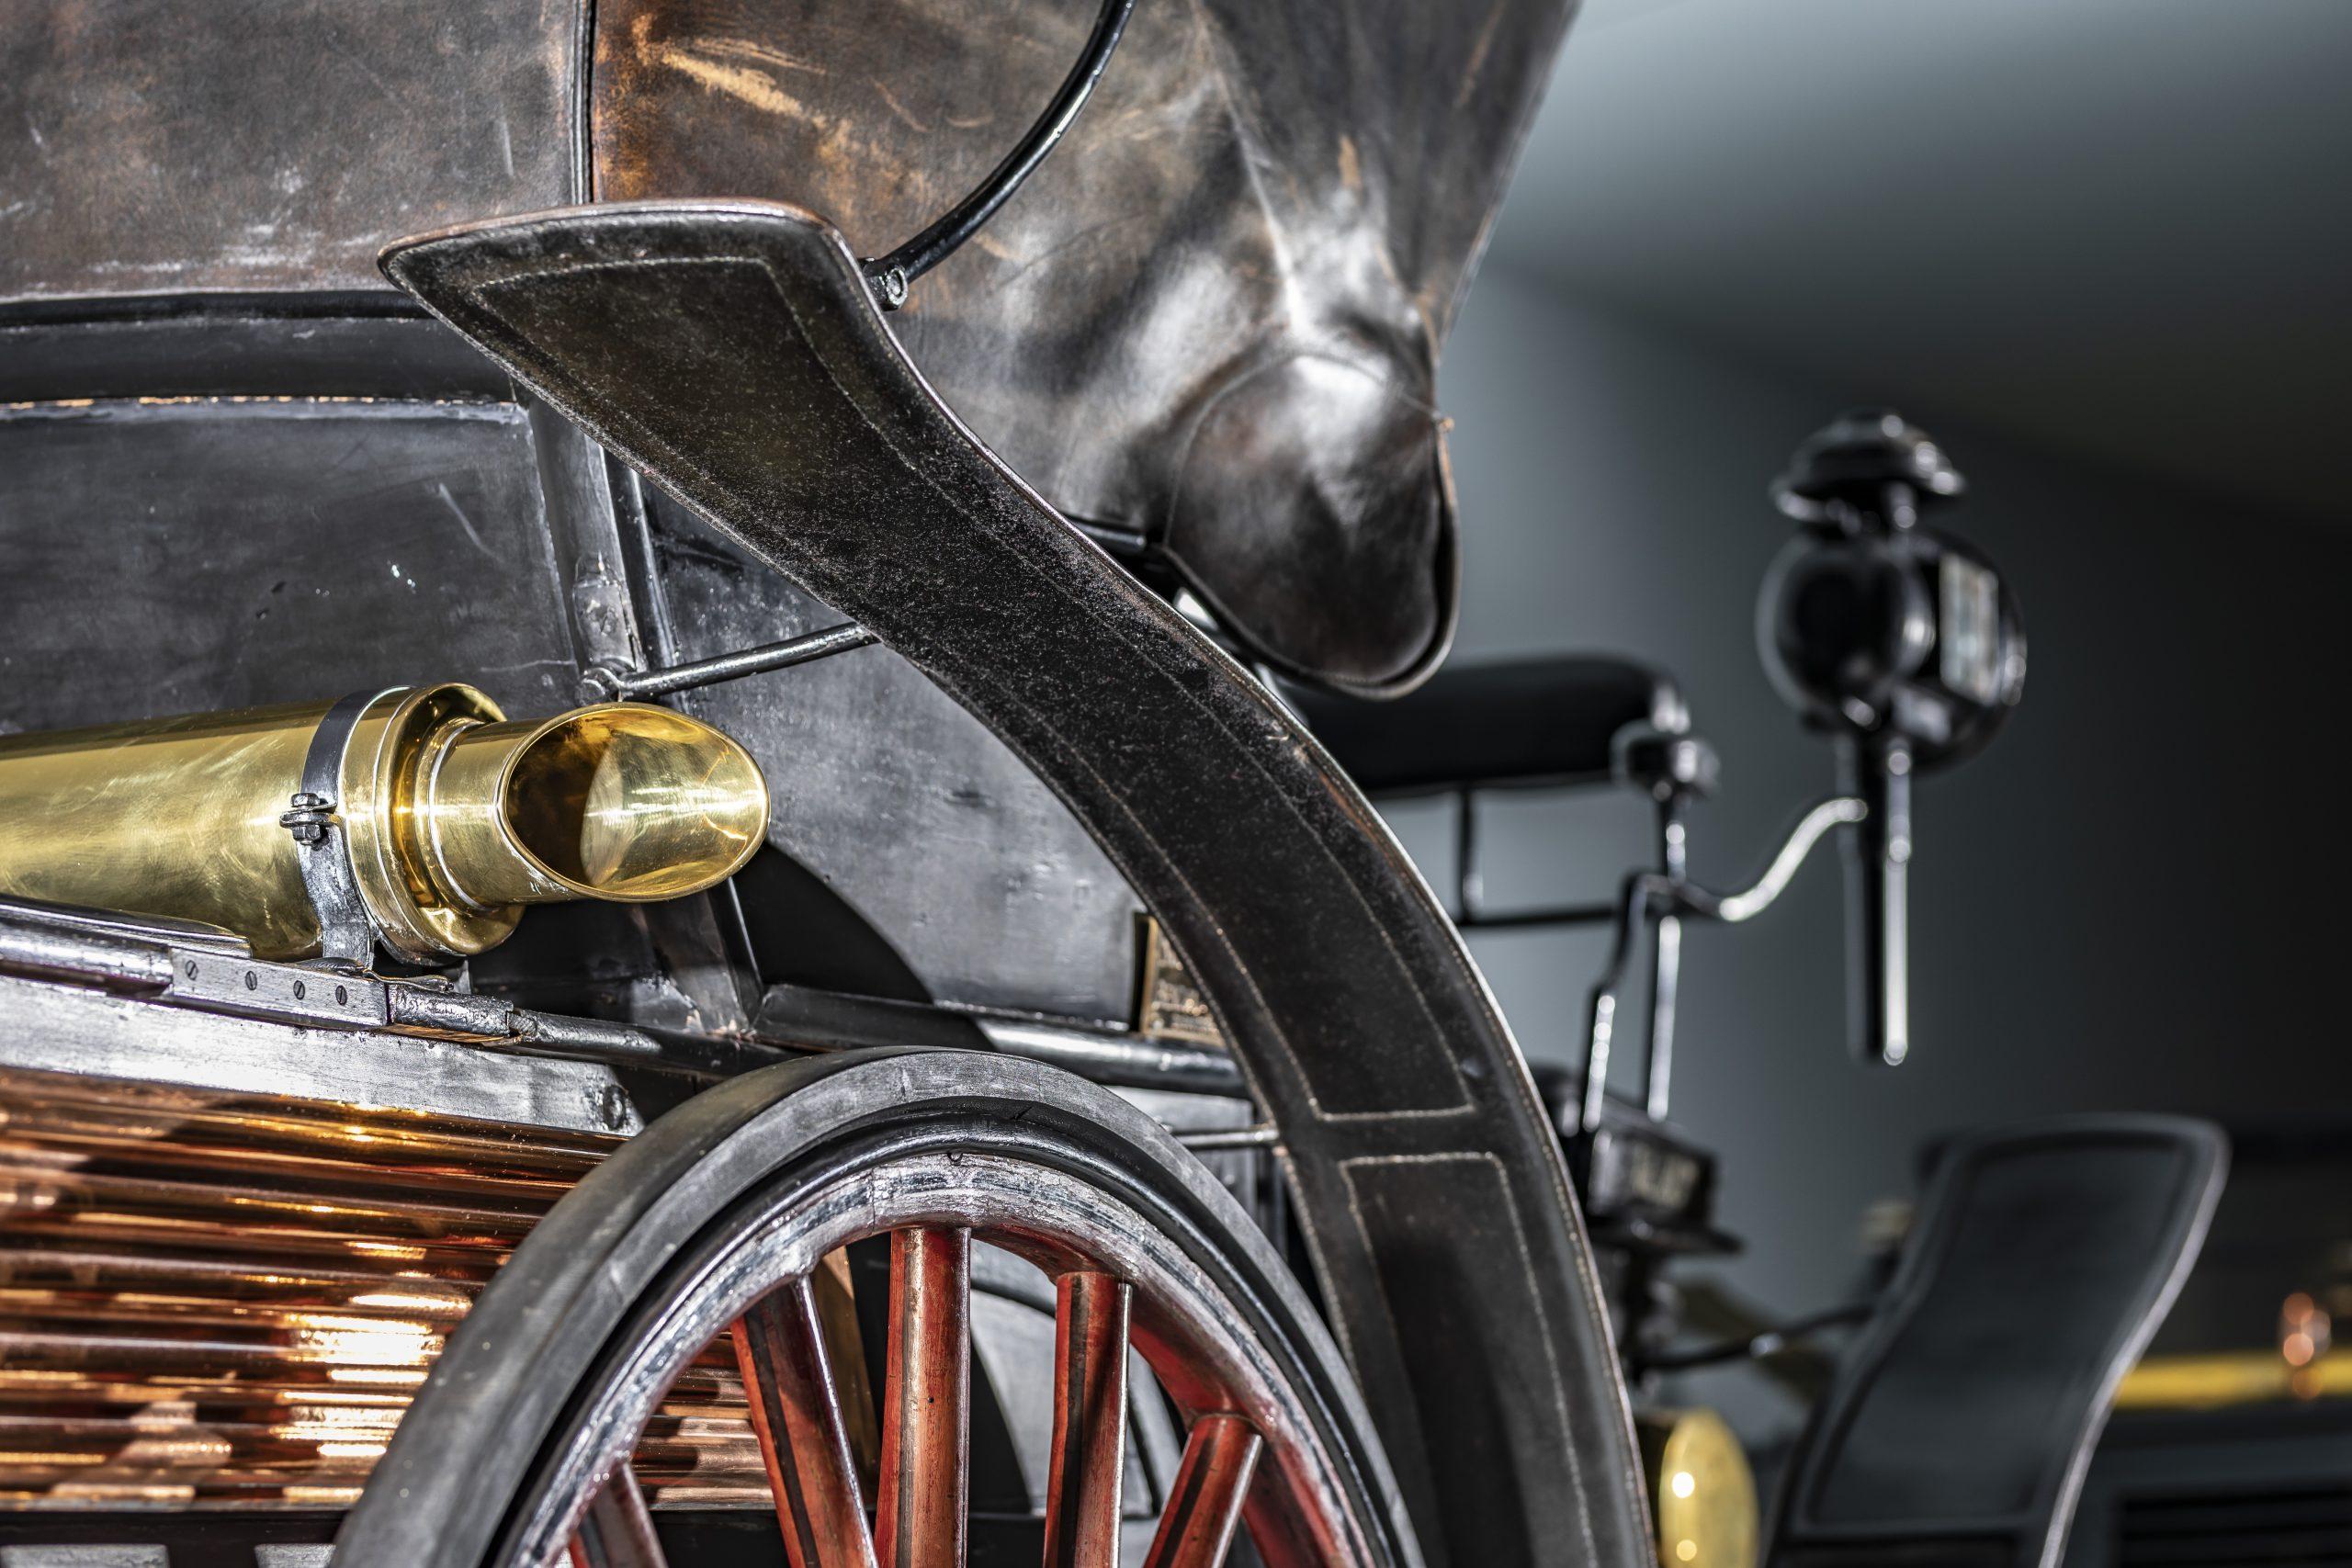 Schmaler Spritzschutz: Bei frühen Kotflügeln, hier am Benz Vis-à-Vis aus dem Jahr 1893 im Mythosraum 1 des Mercedes-Benz Museums, ist die Herkunft aus dem Kutschendesign zu erkennen.